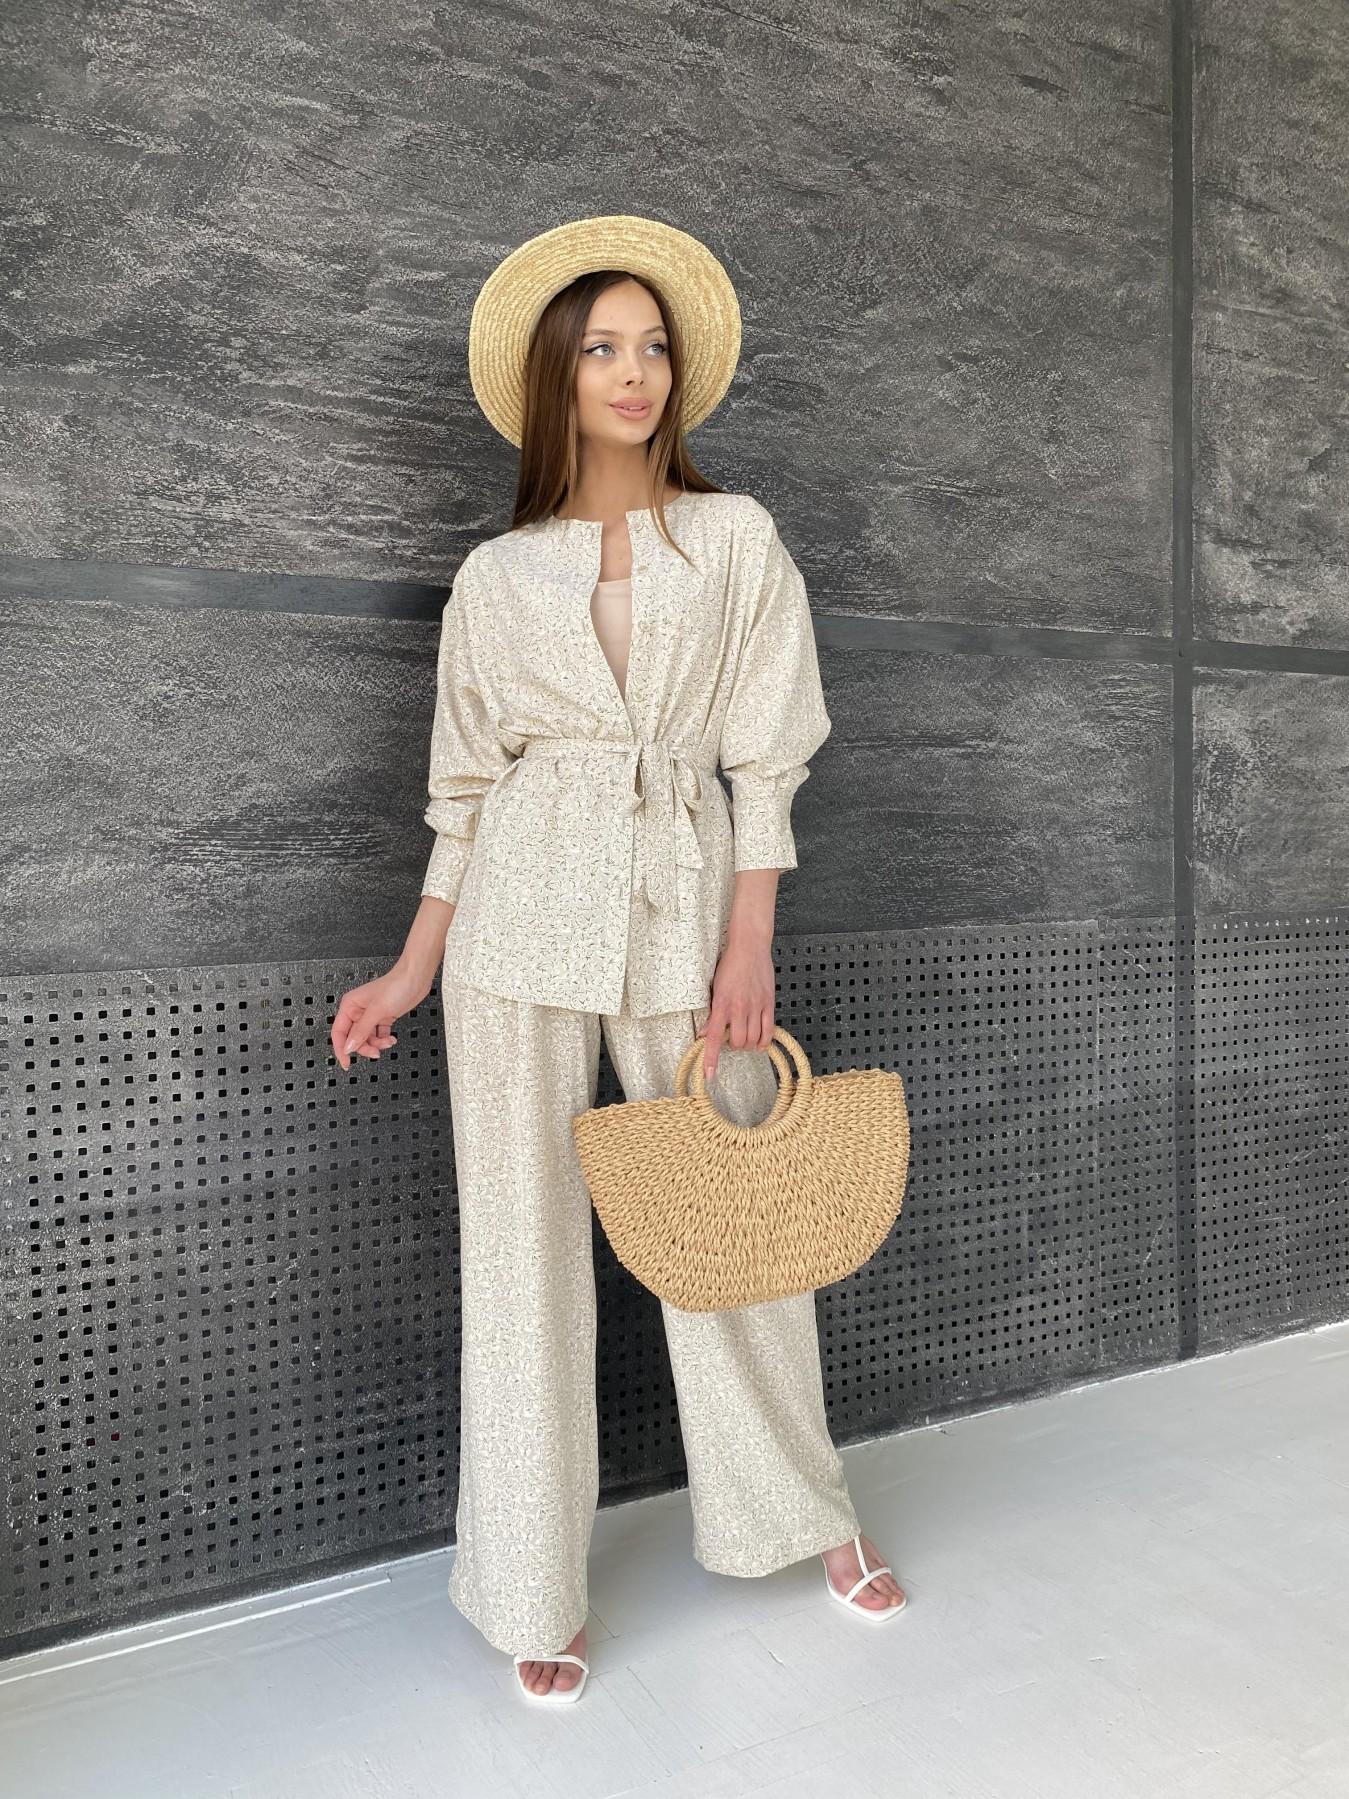 Колибри костюм софт с принтом 11244 АРТ. 47840 Цвет: Бежевый/Листик - фото 6, интернет магазин tm-modus.ru